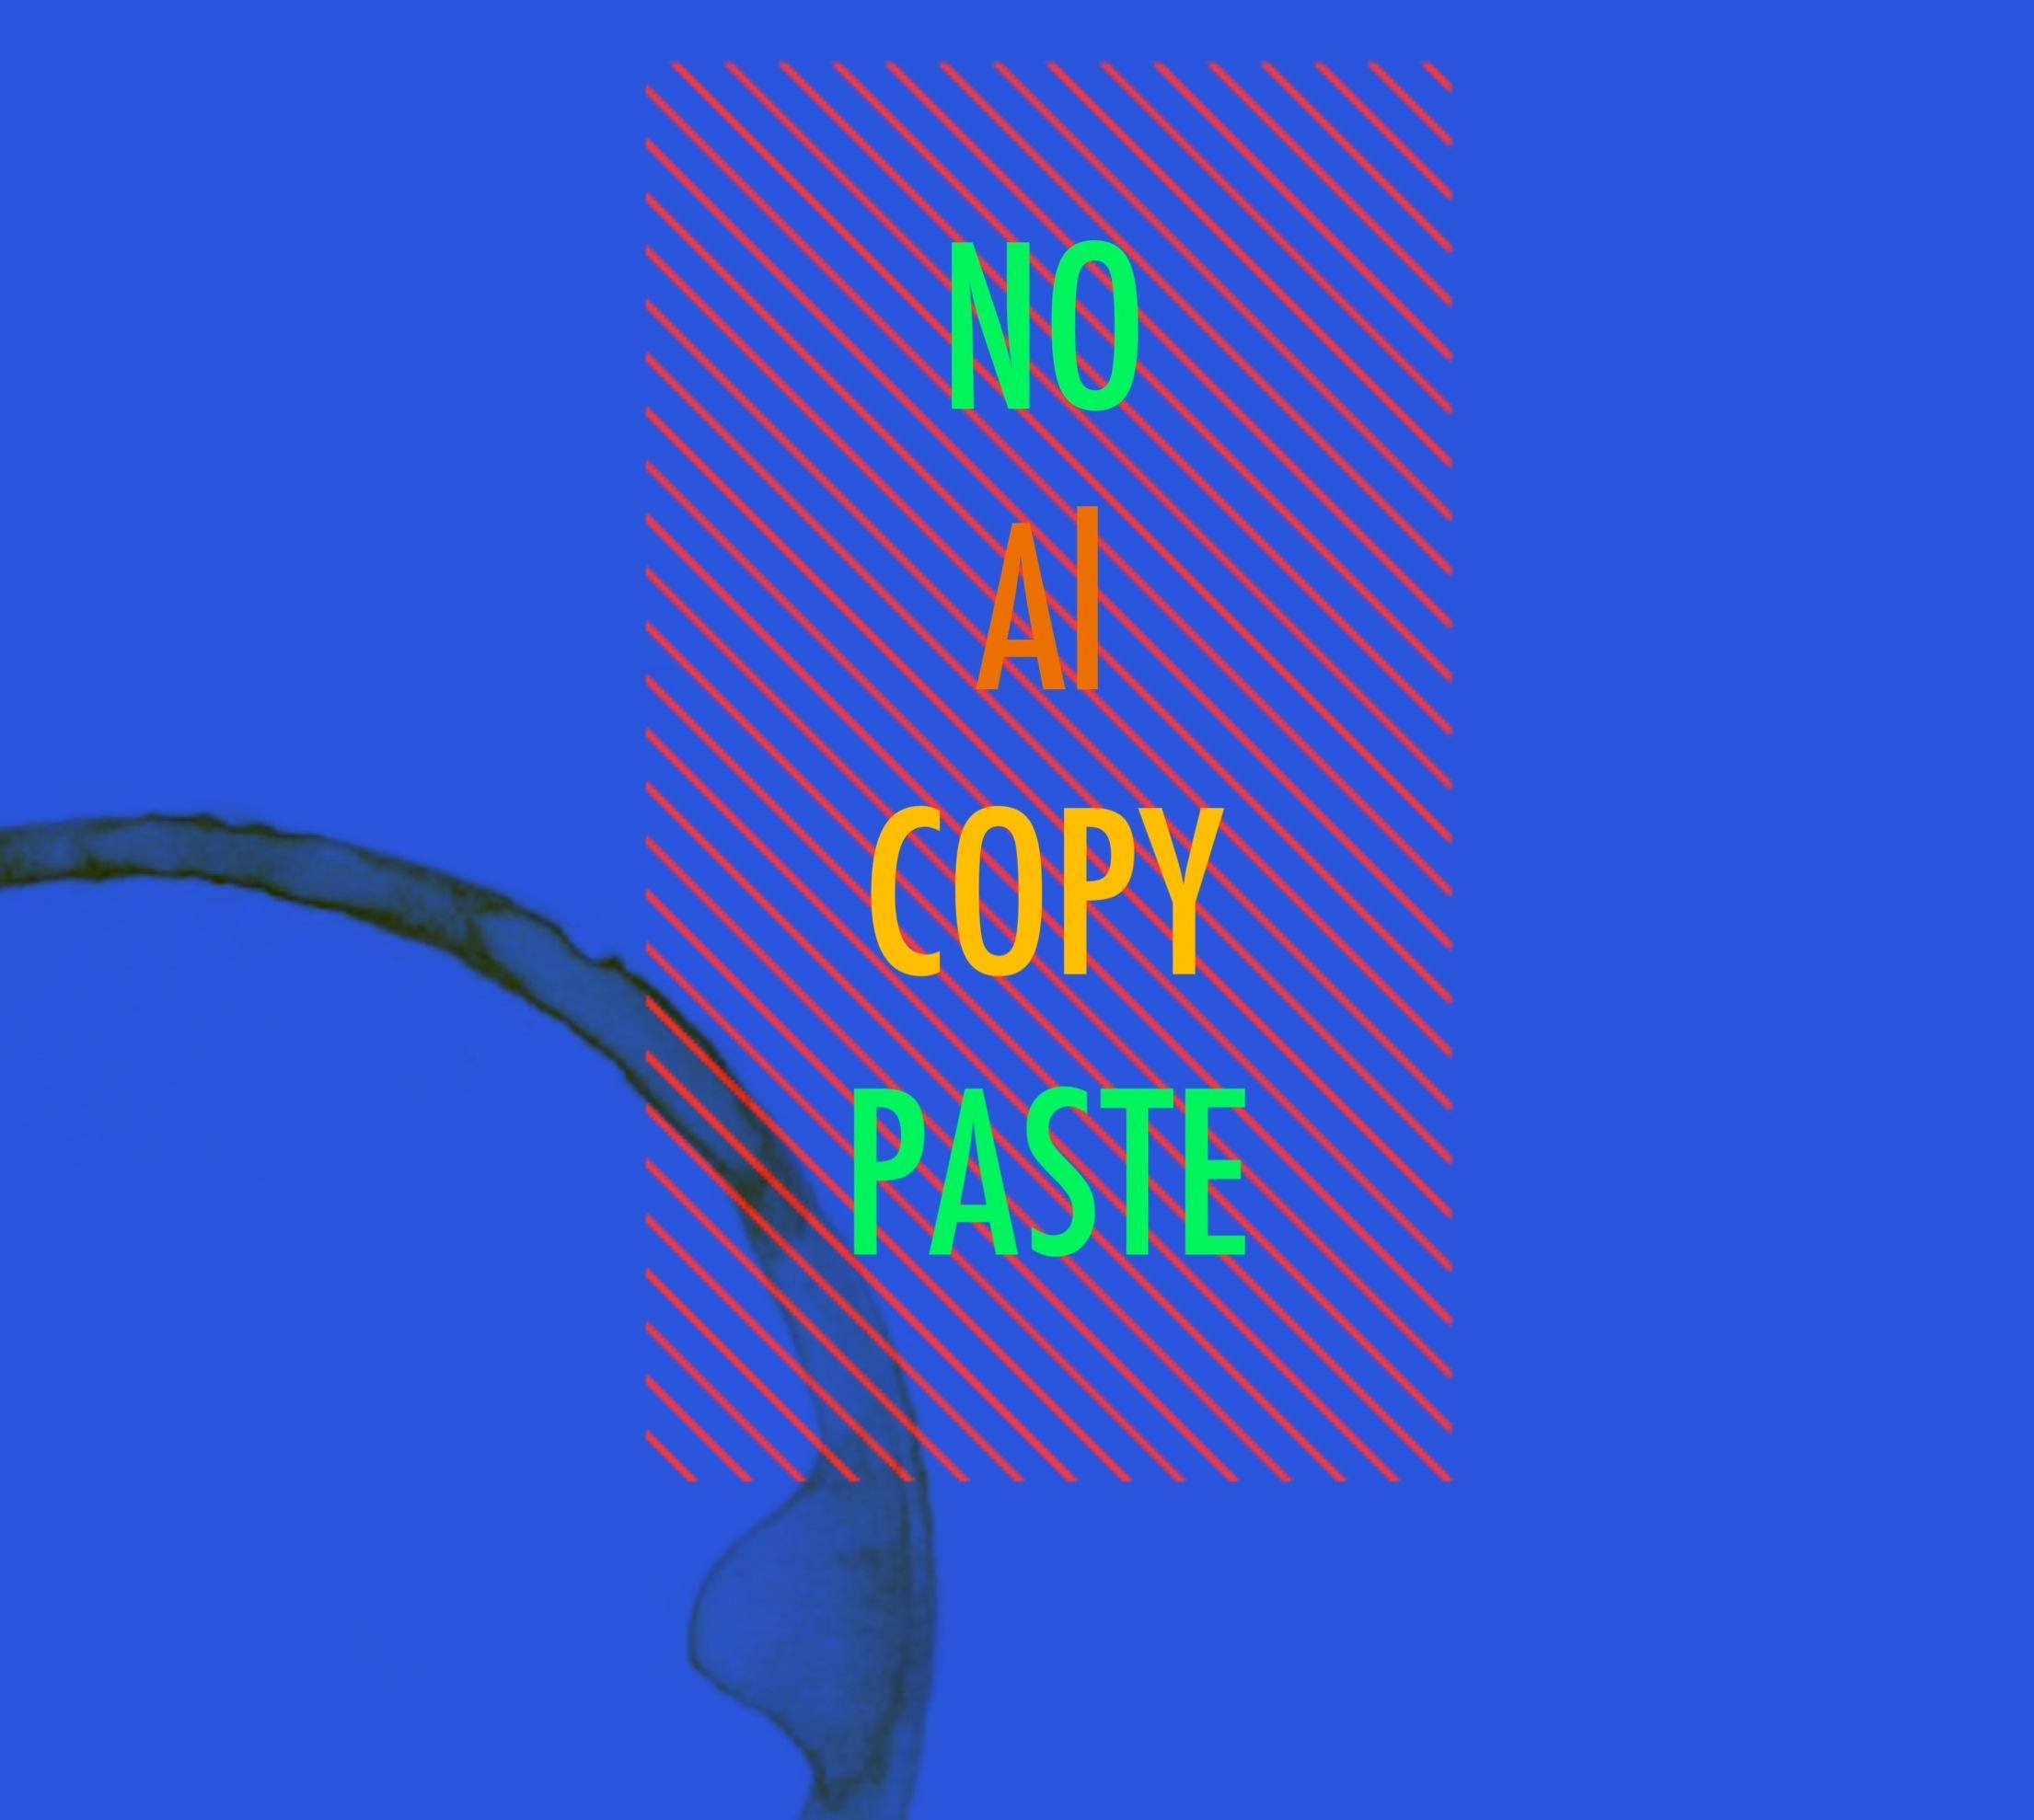 no al copy paste